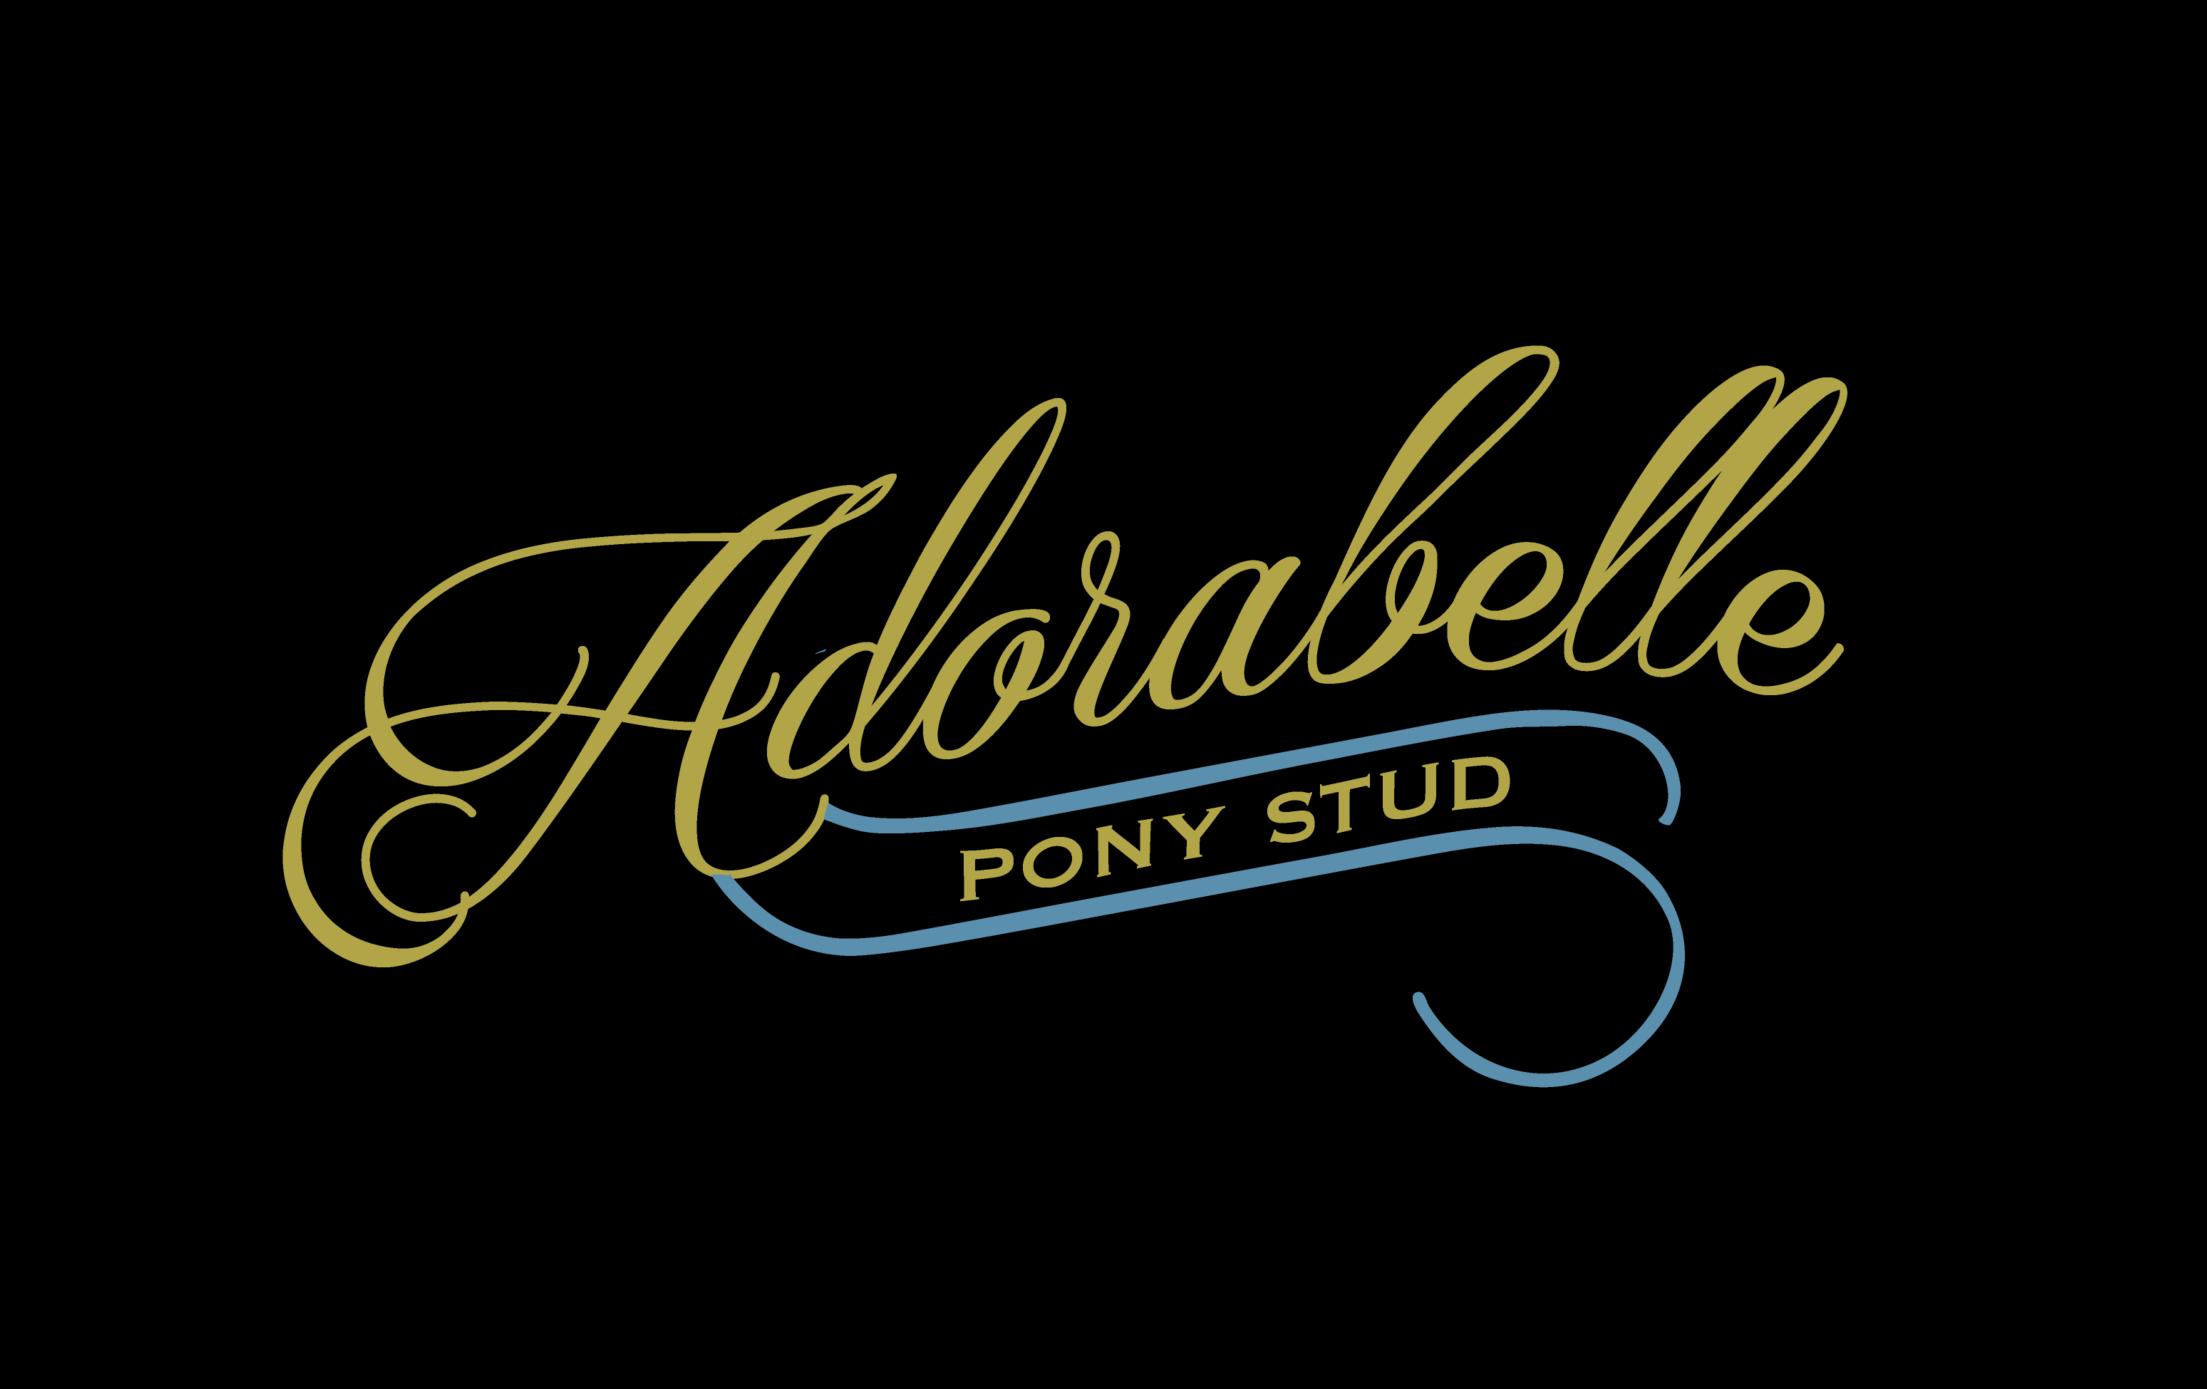 ADORABELLEScriptandRoses-01.png